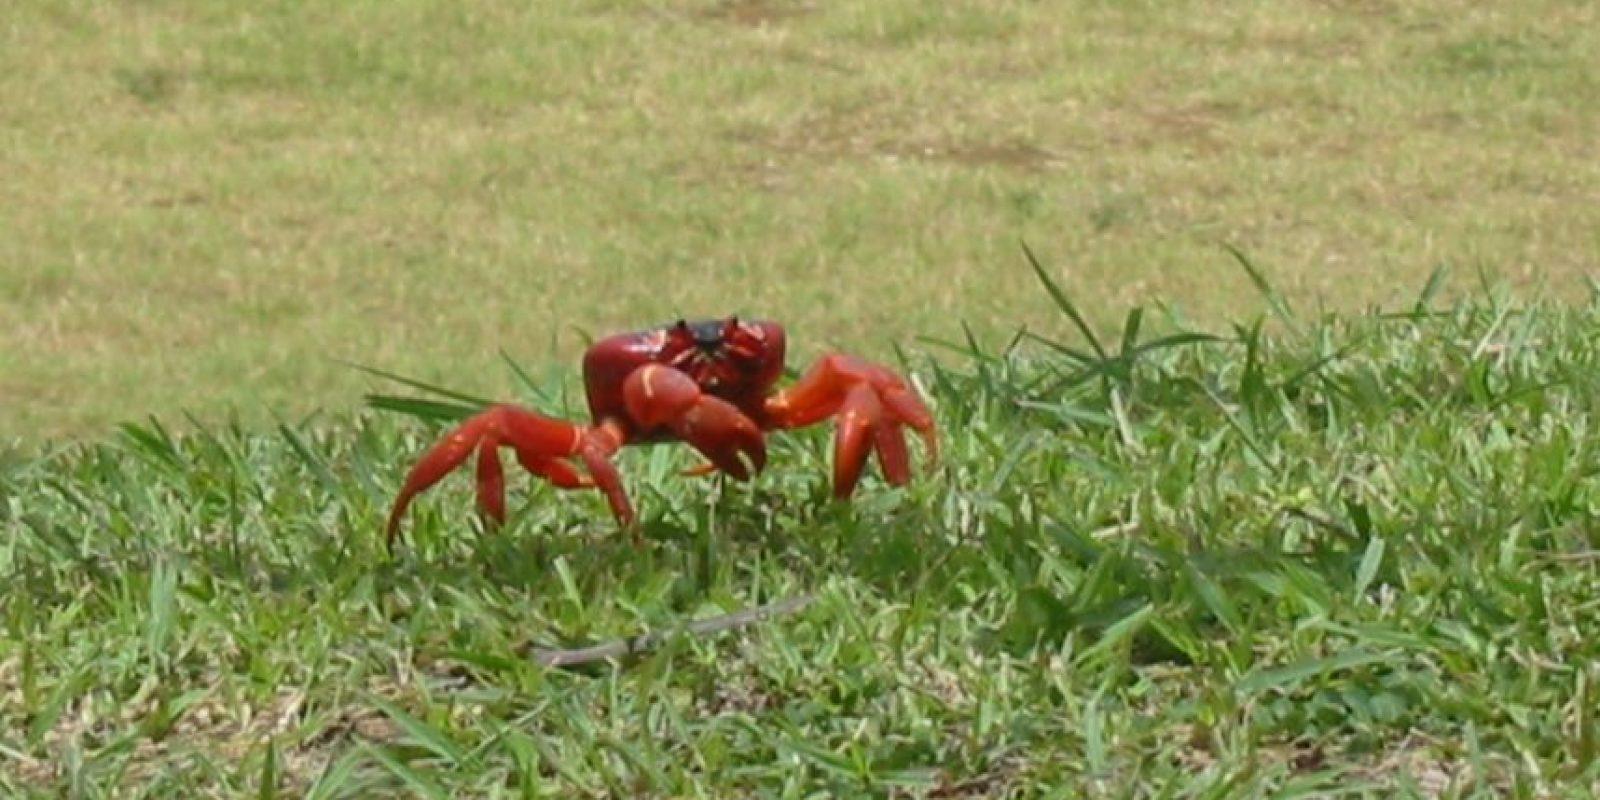 Es una pequeña isla australiana a la que llegan más de 120 millones de cangrejos rojos anualmente. Foto:Wikimedia